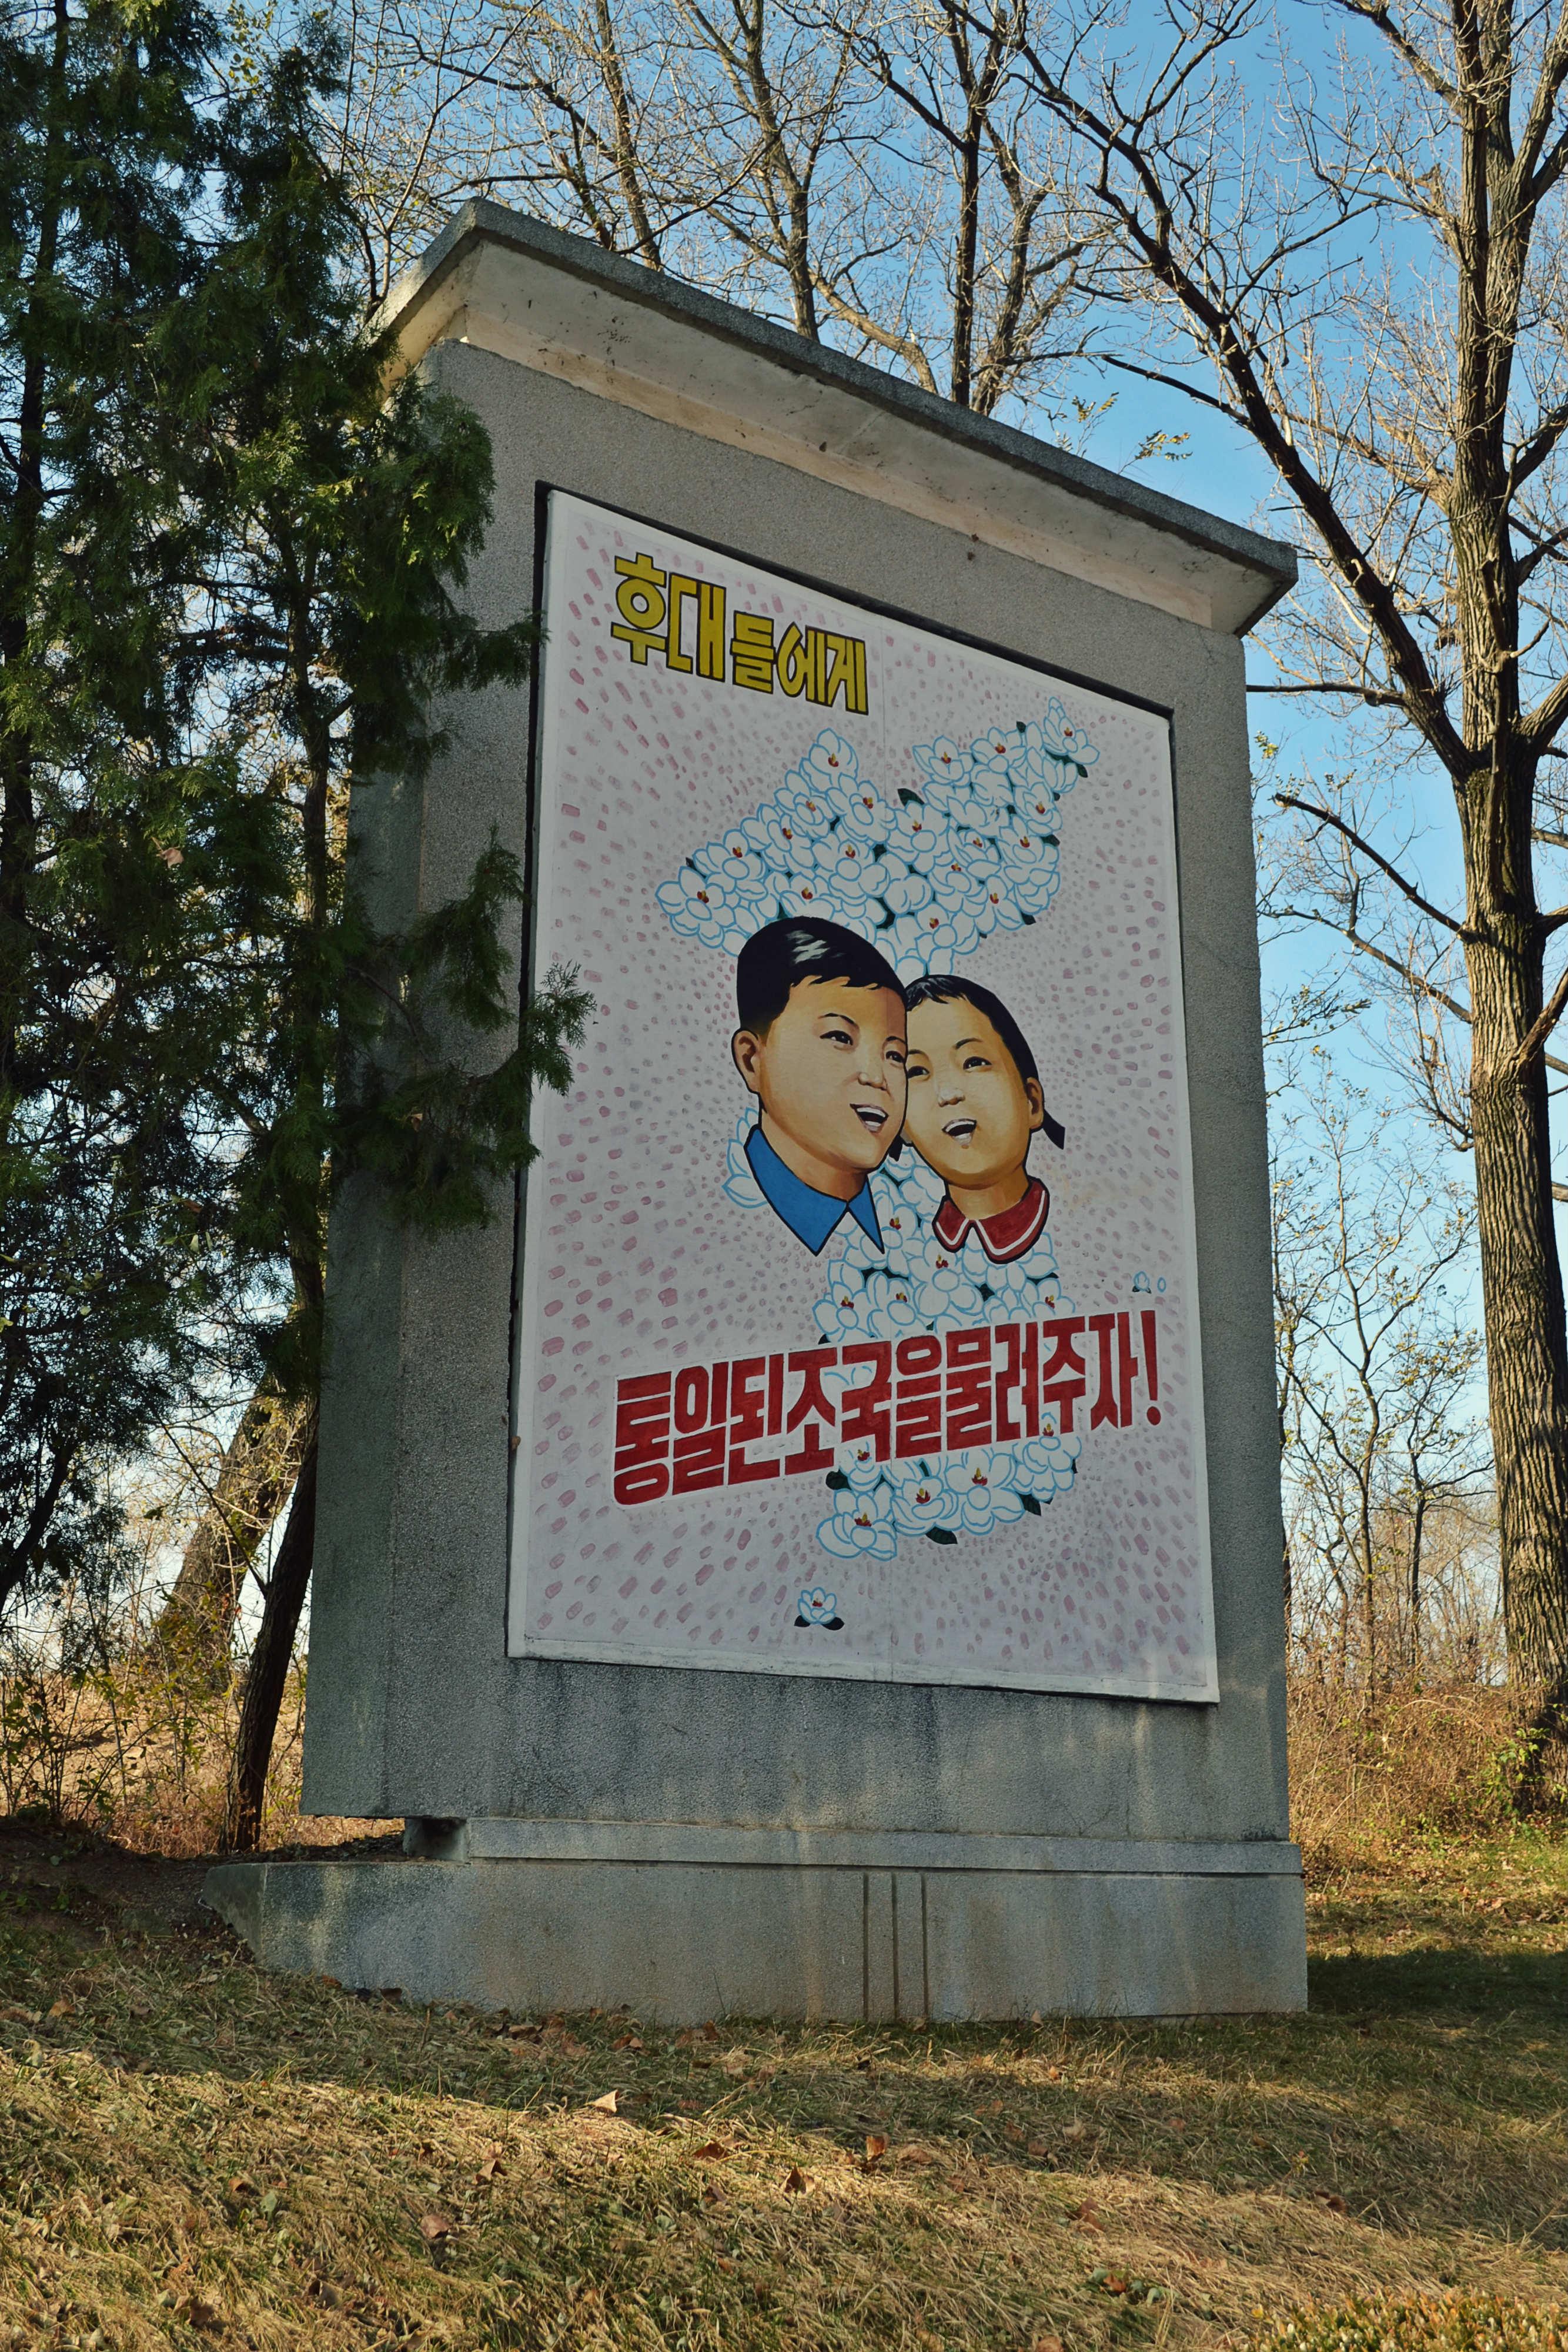 Keszongi propaganda